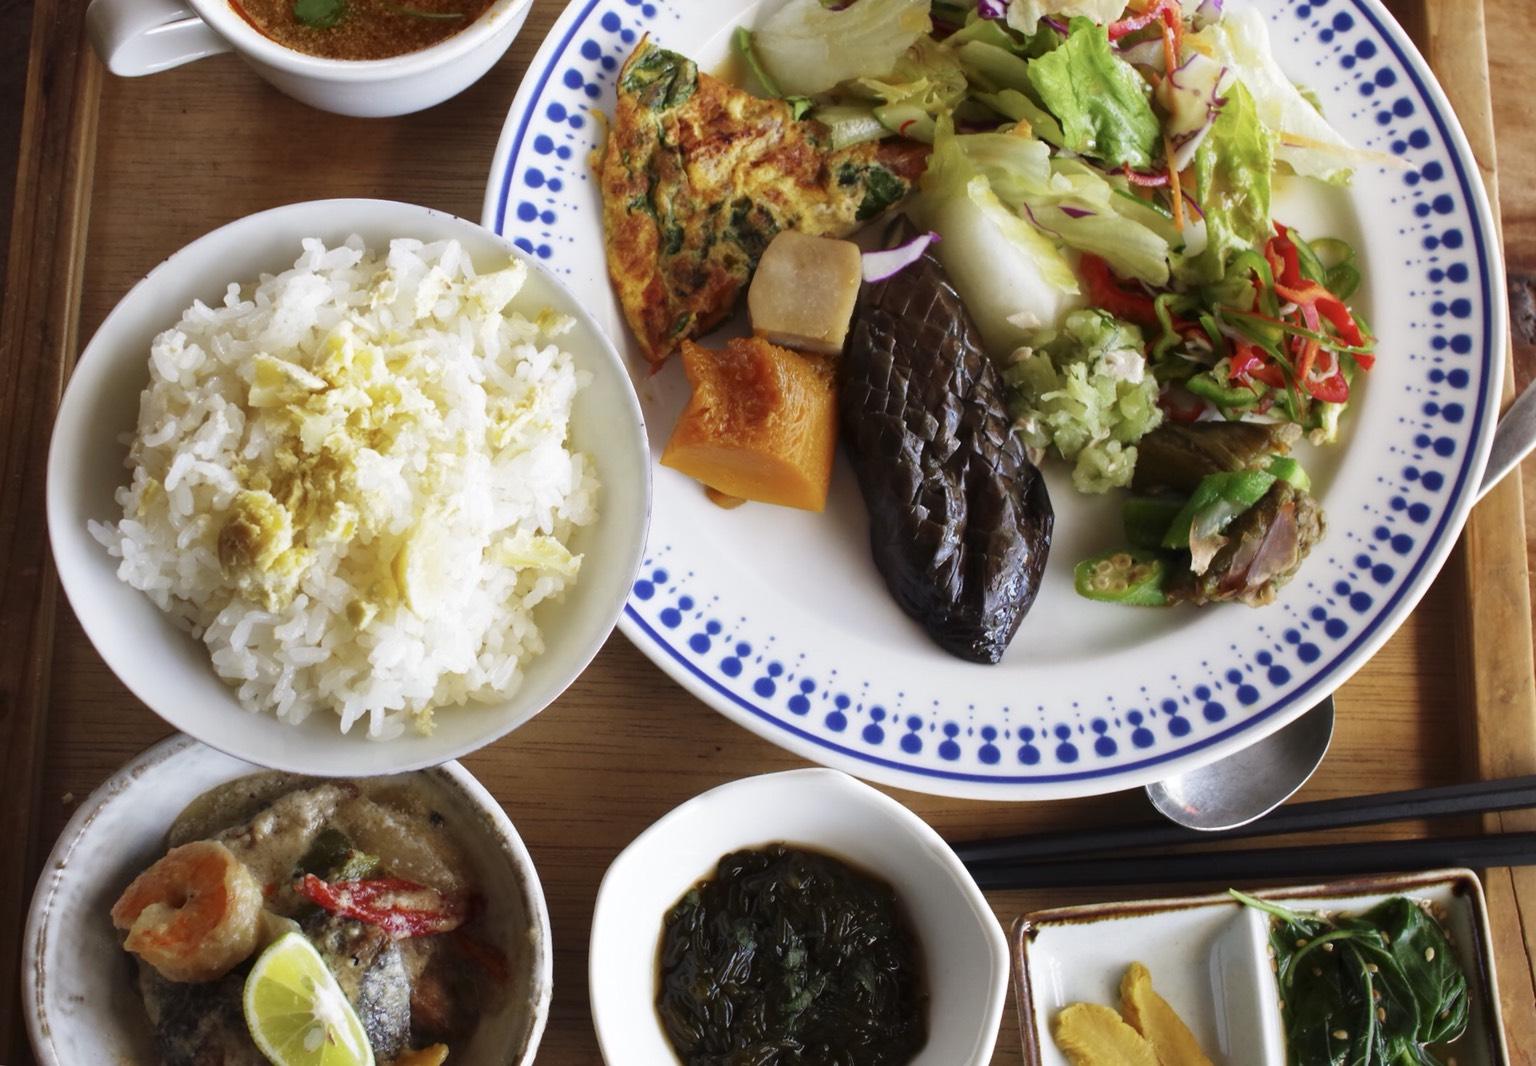 【多国籍料理SO‐AN】自由奔放旅人気分!個性と自由が光る店。